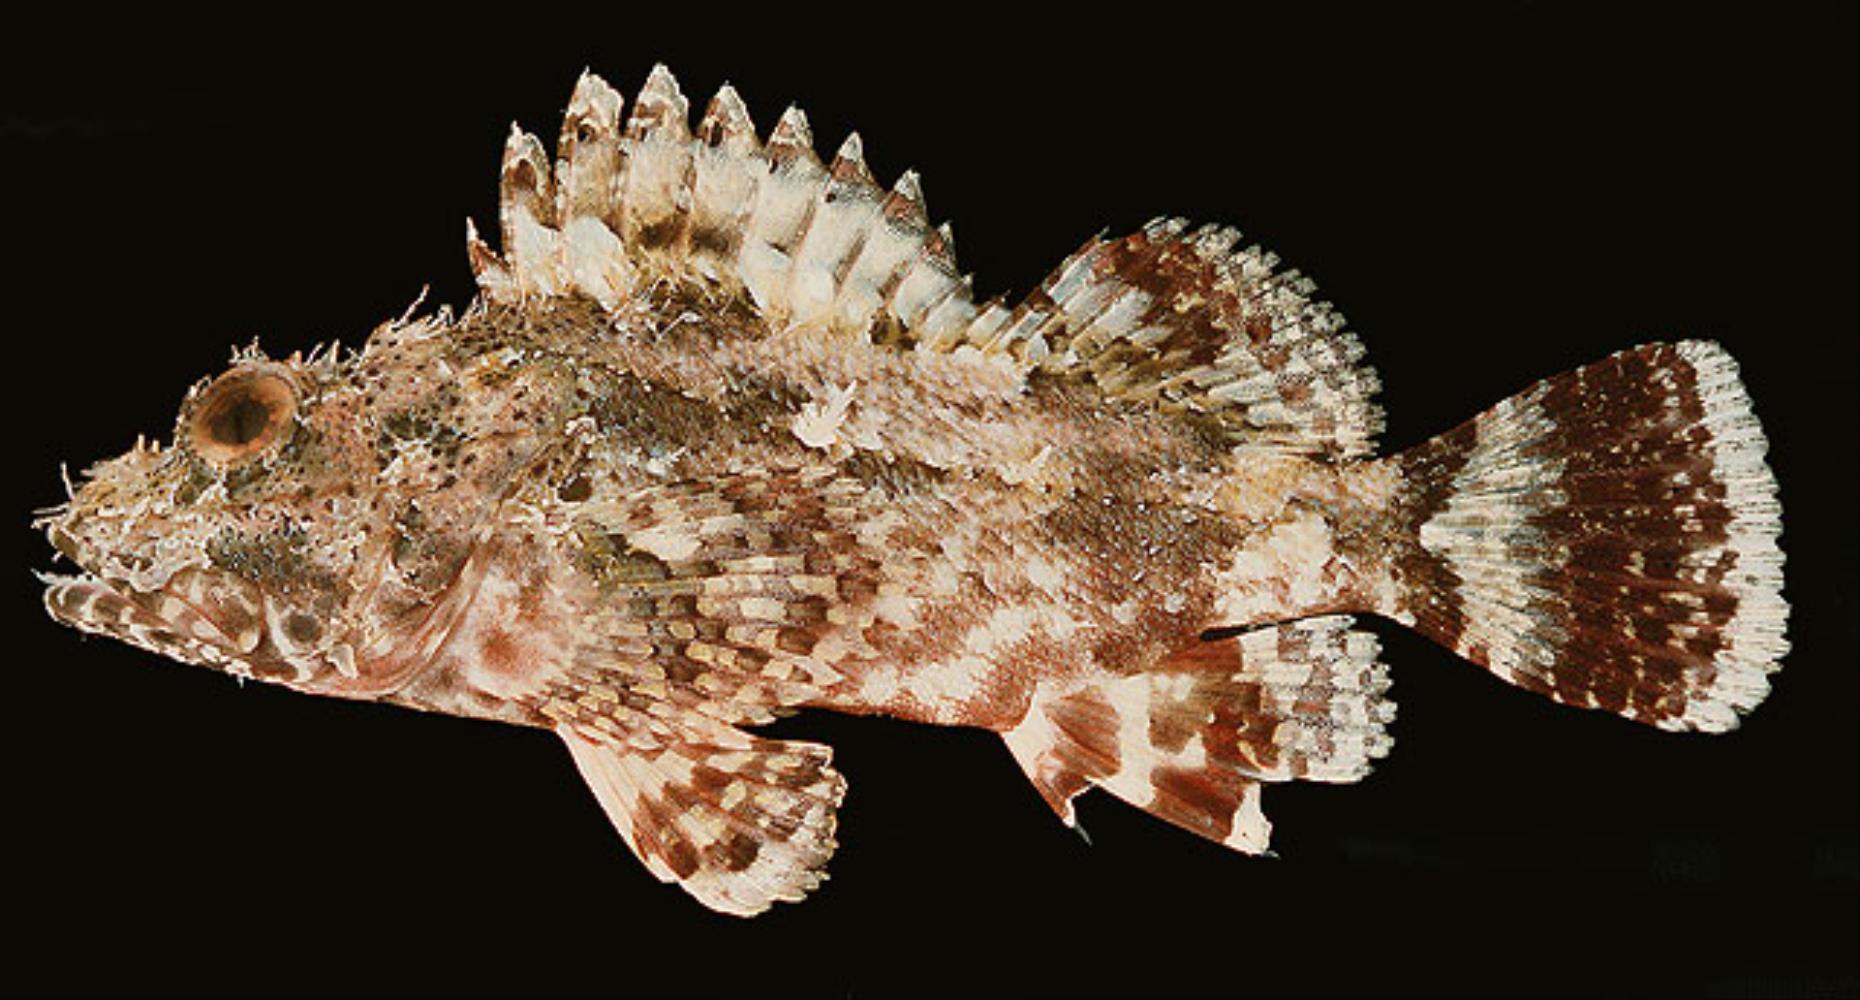 Bold Scorpionfish